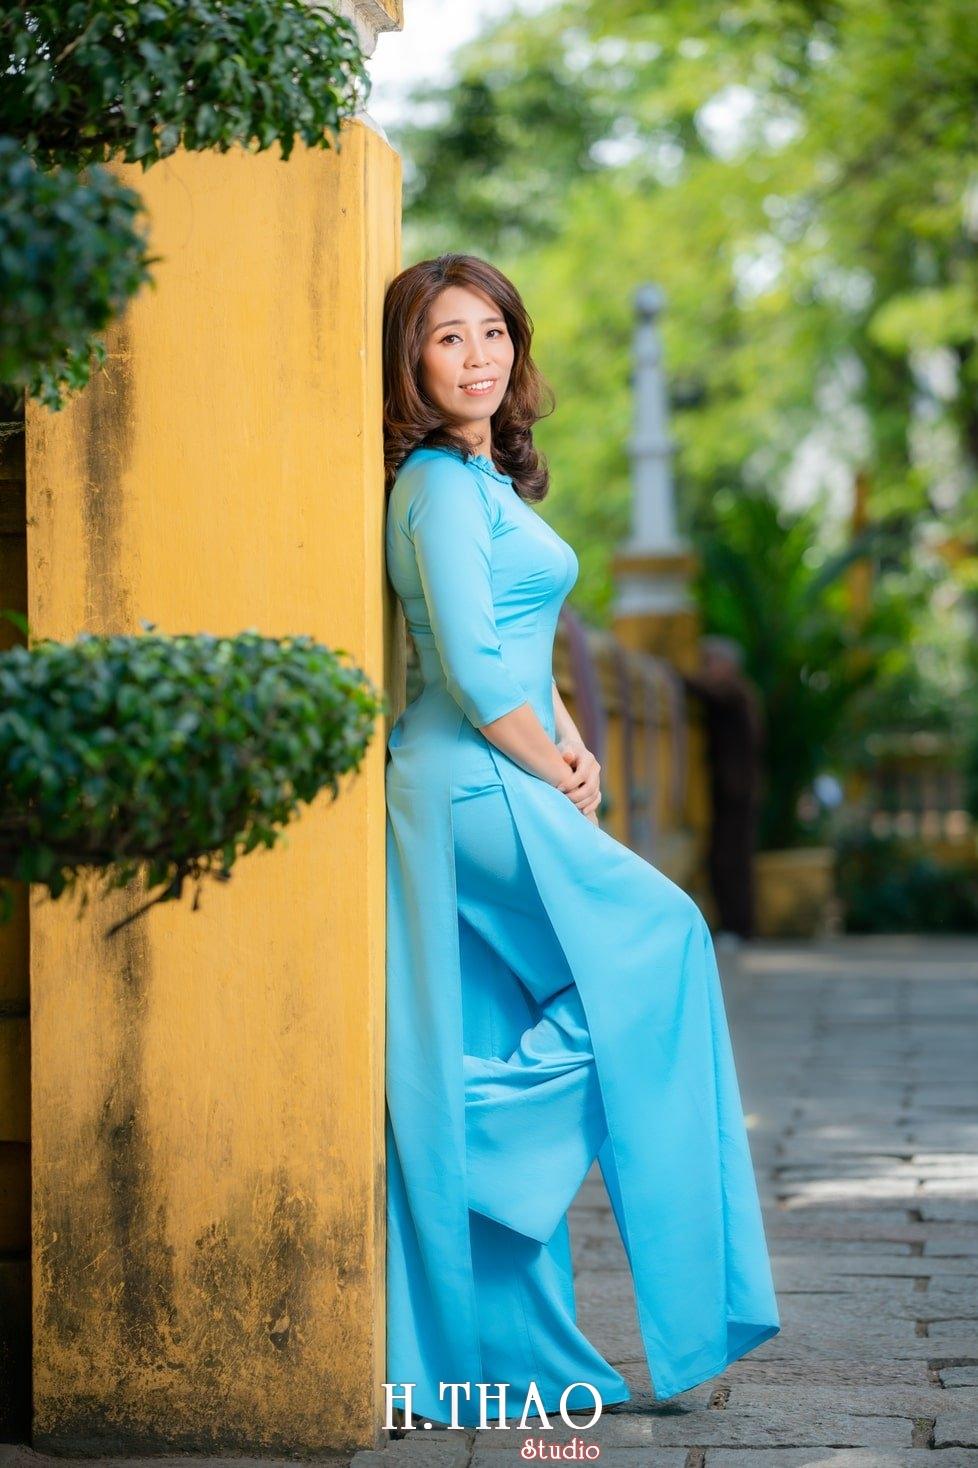 Ao dai lang ong ba chieu 13 1 - Album áo dài lăng ông bà chiểu chị Oanh - HThao Studio